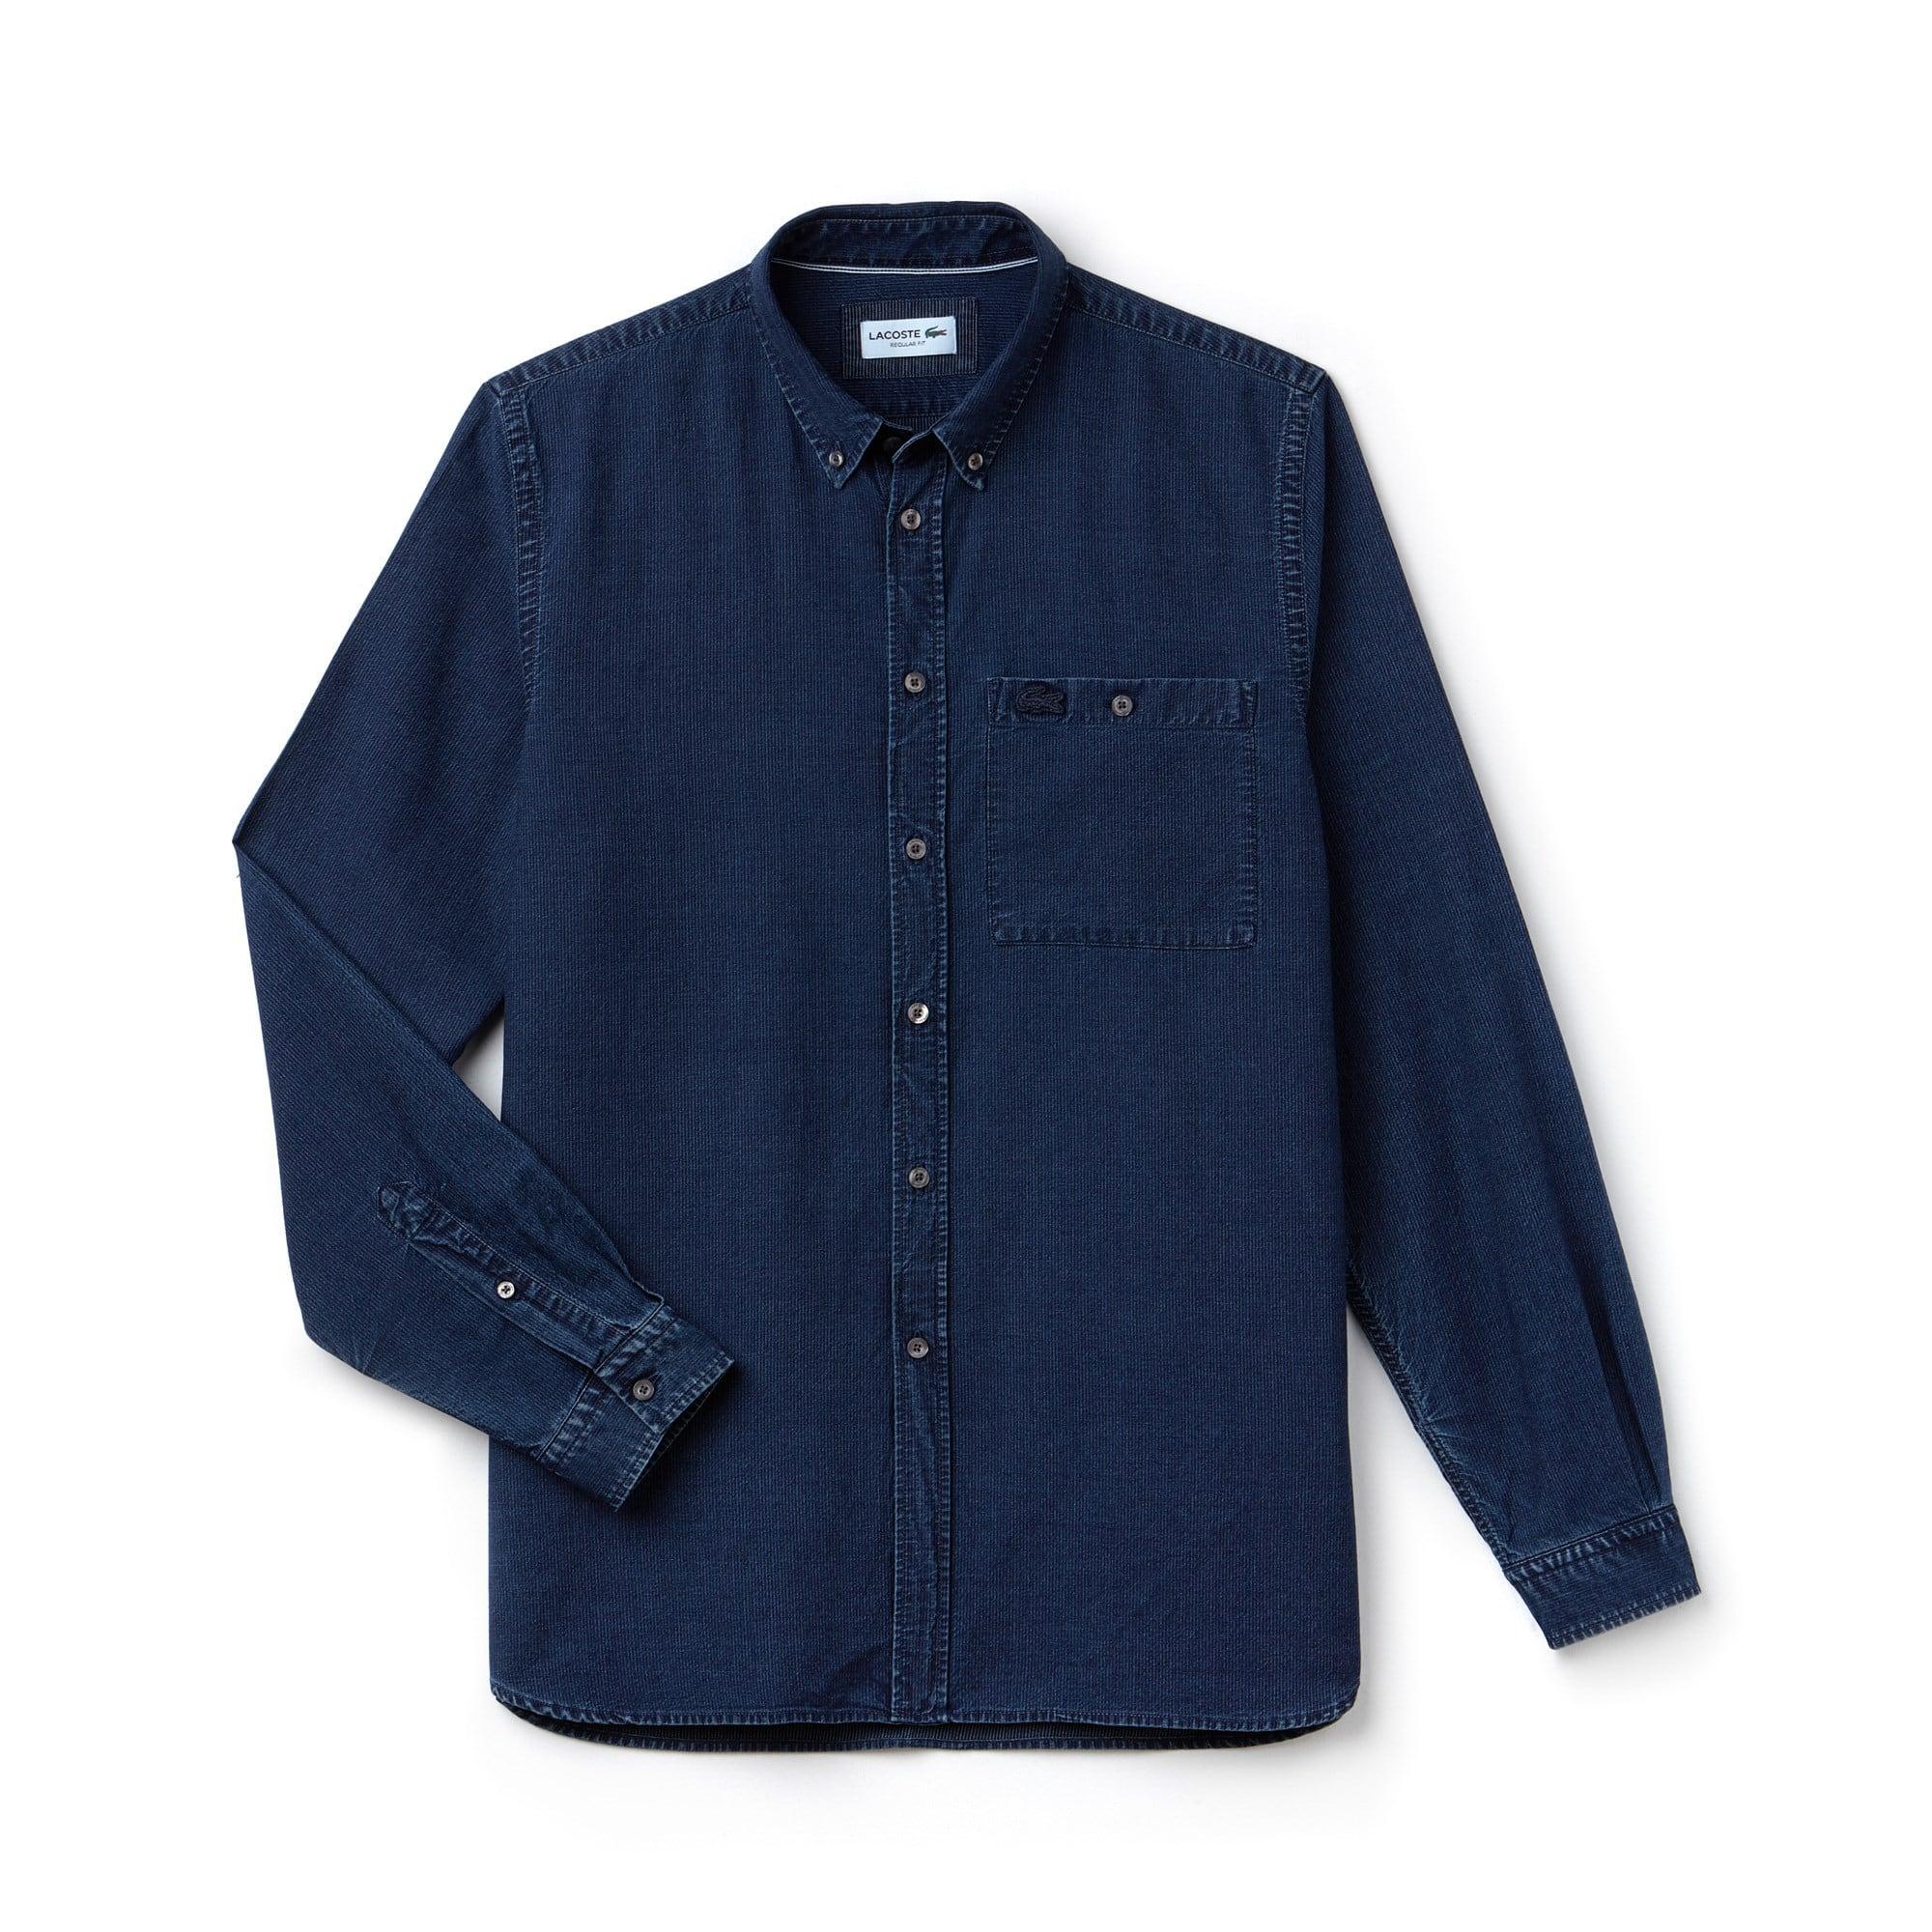 Camisa regular fit em popelina de algodão índigo com pequenas riscas